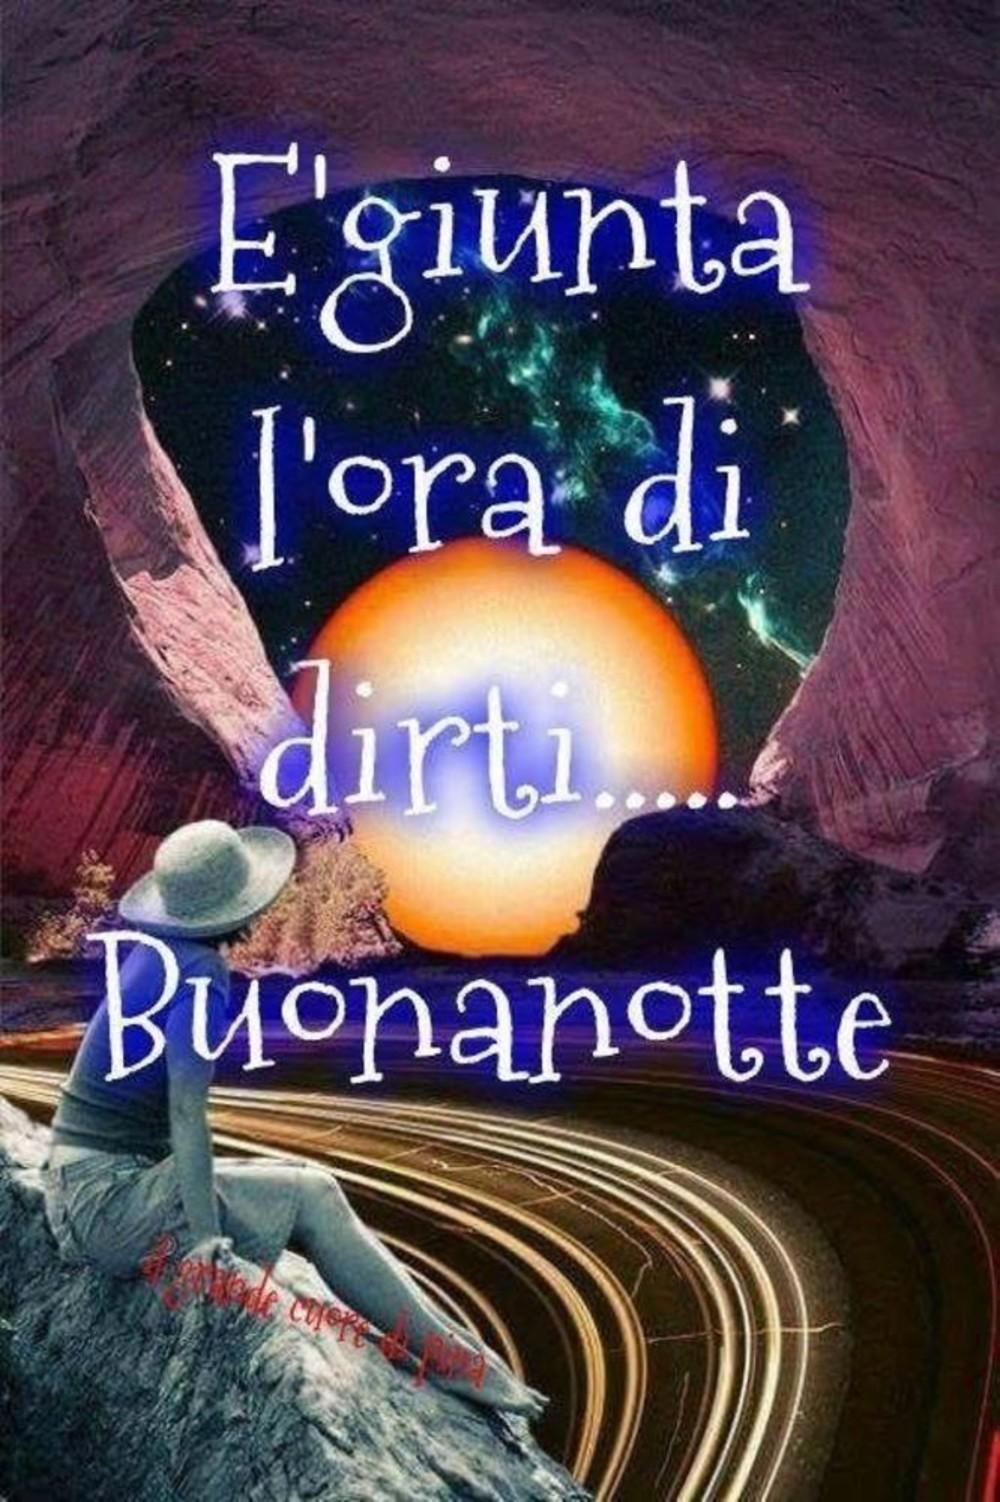 Immagini Buonanotte Belle Archives Pagina 7 Di 7